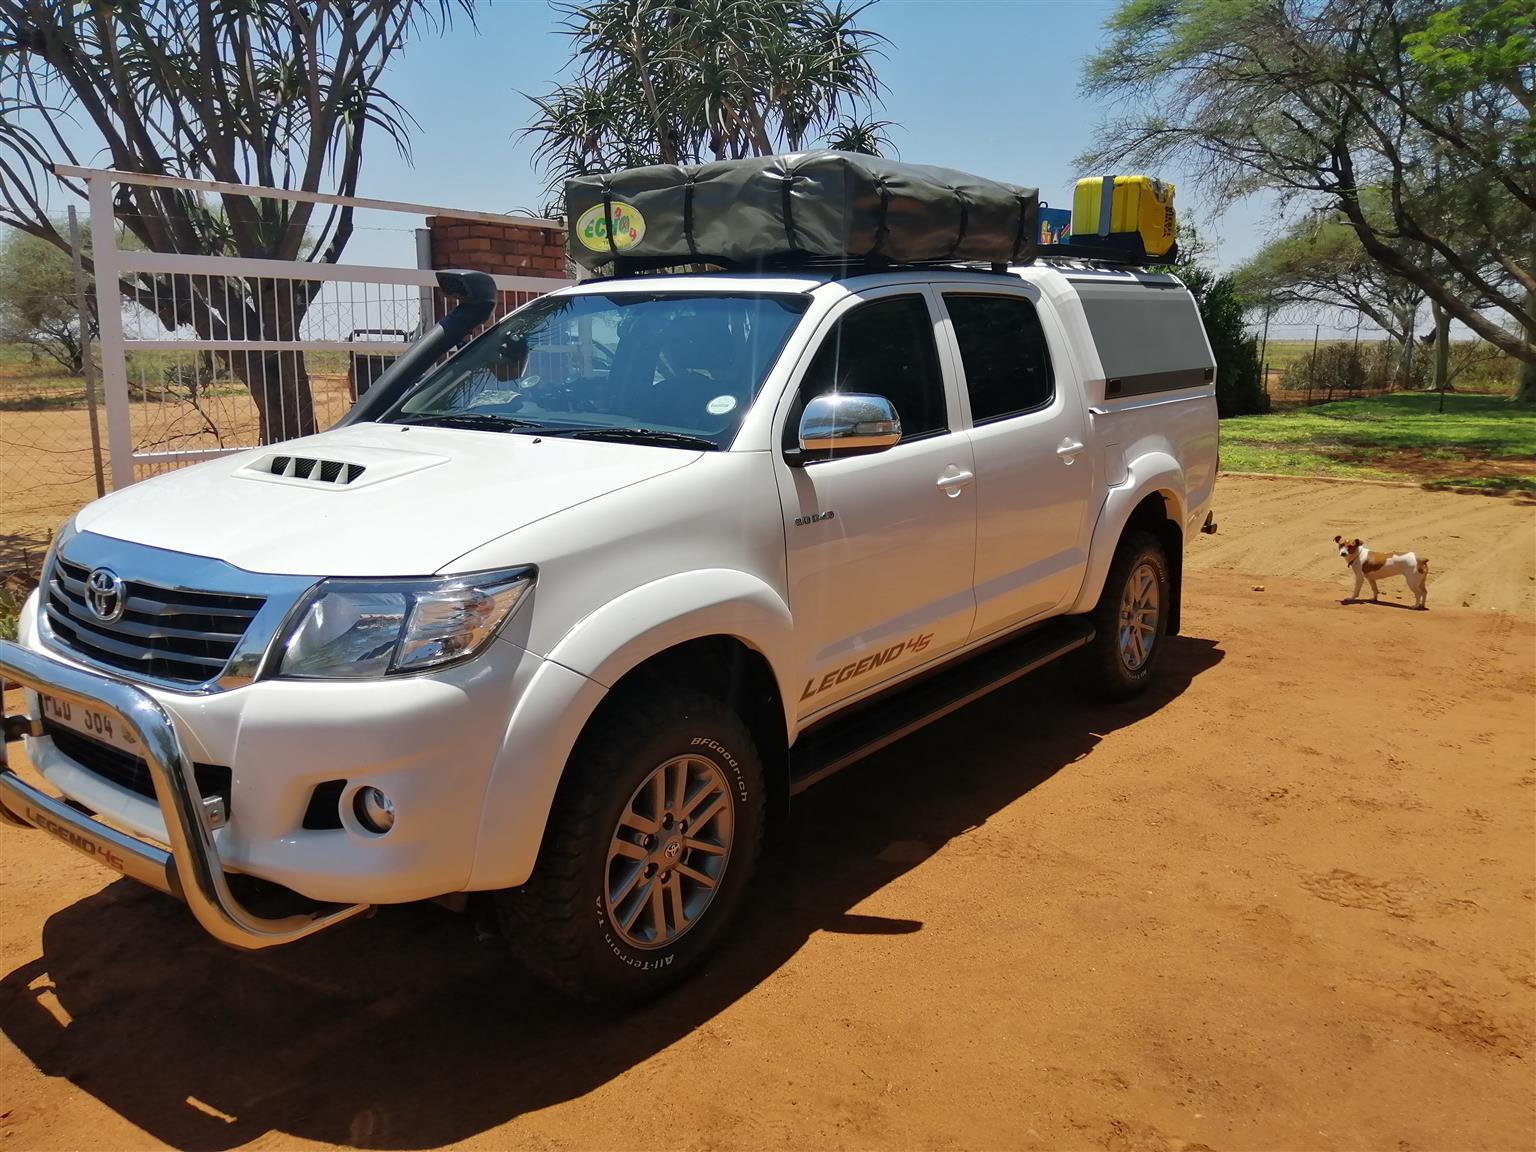 2015 Toyota Hilux Double Cab Hilux 3 0 D 4d Heritage 4x4 A T P U D C Junk Mail